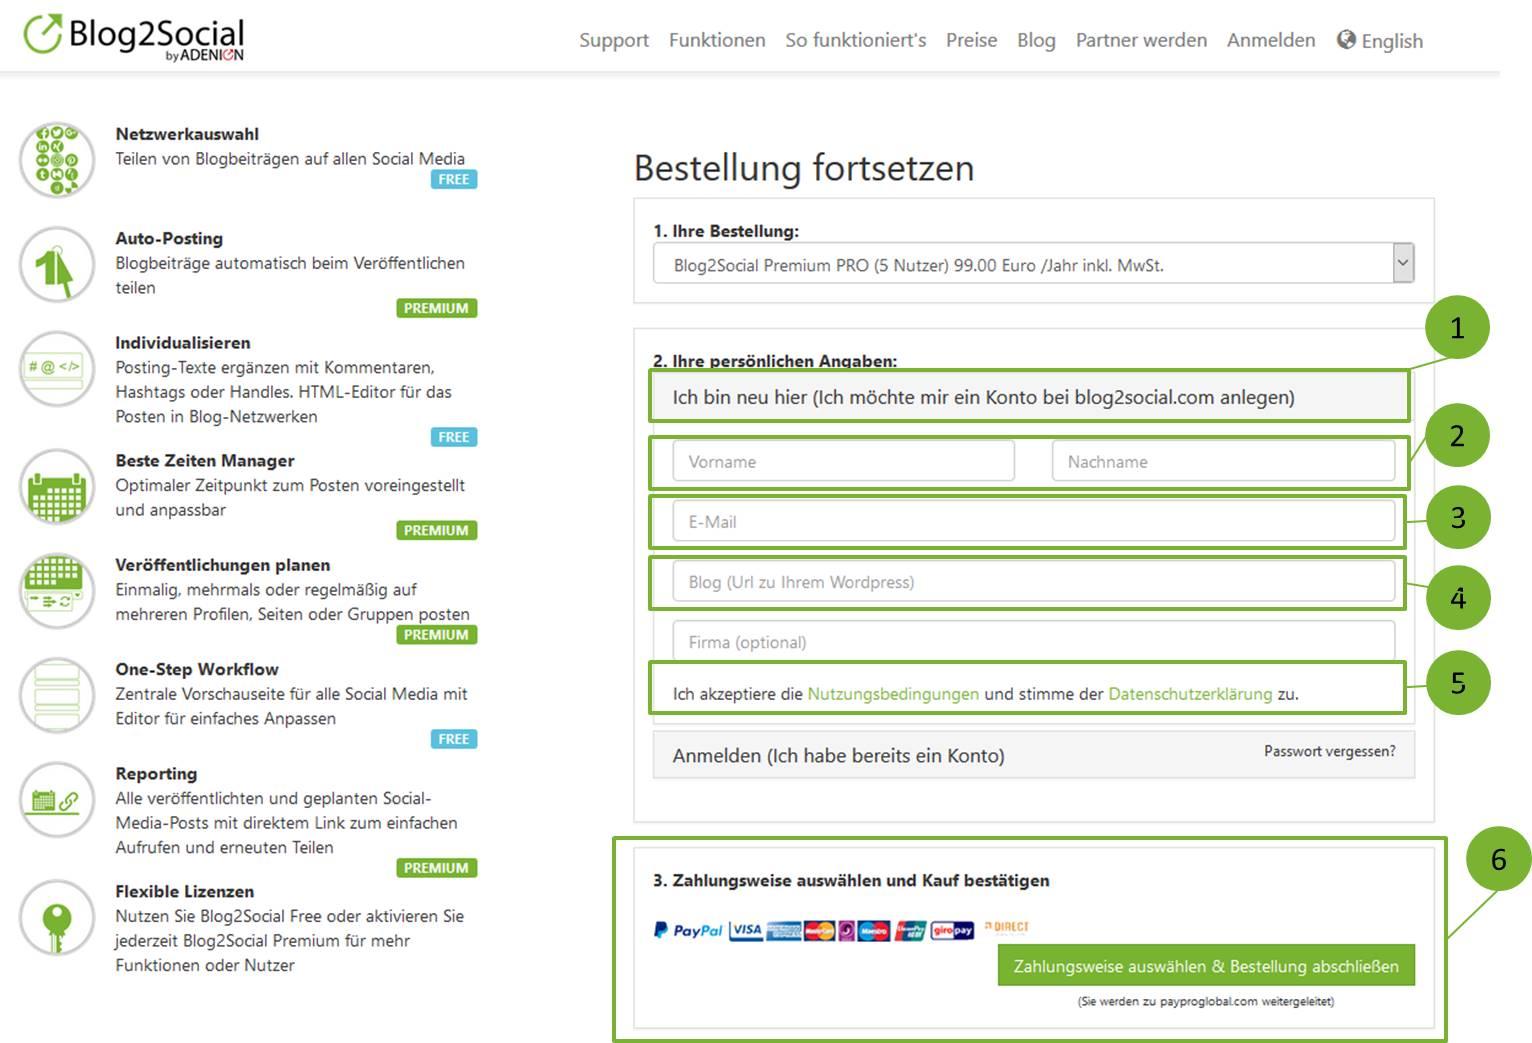 Schön Bestellung Fortsetzen Galerie - Entry Level Resume Vorlagen ...